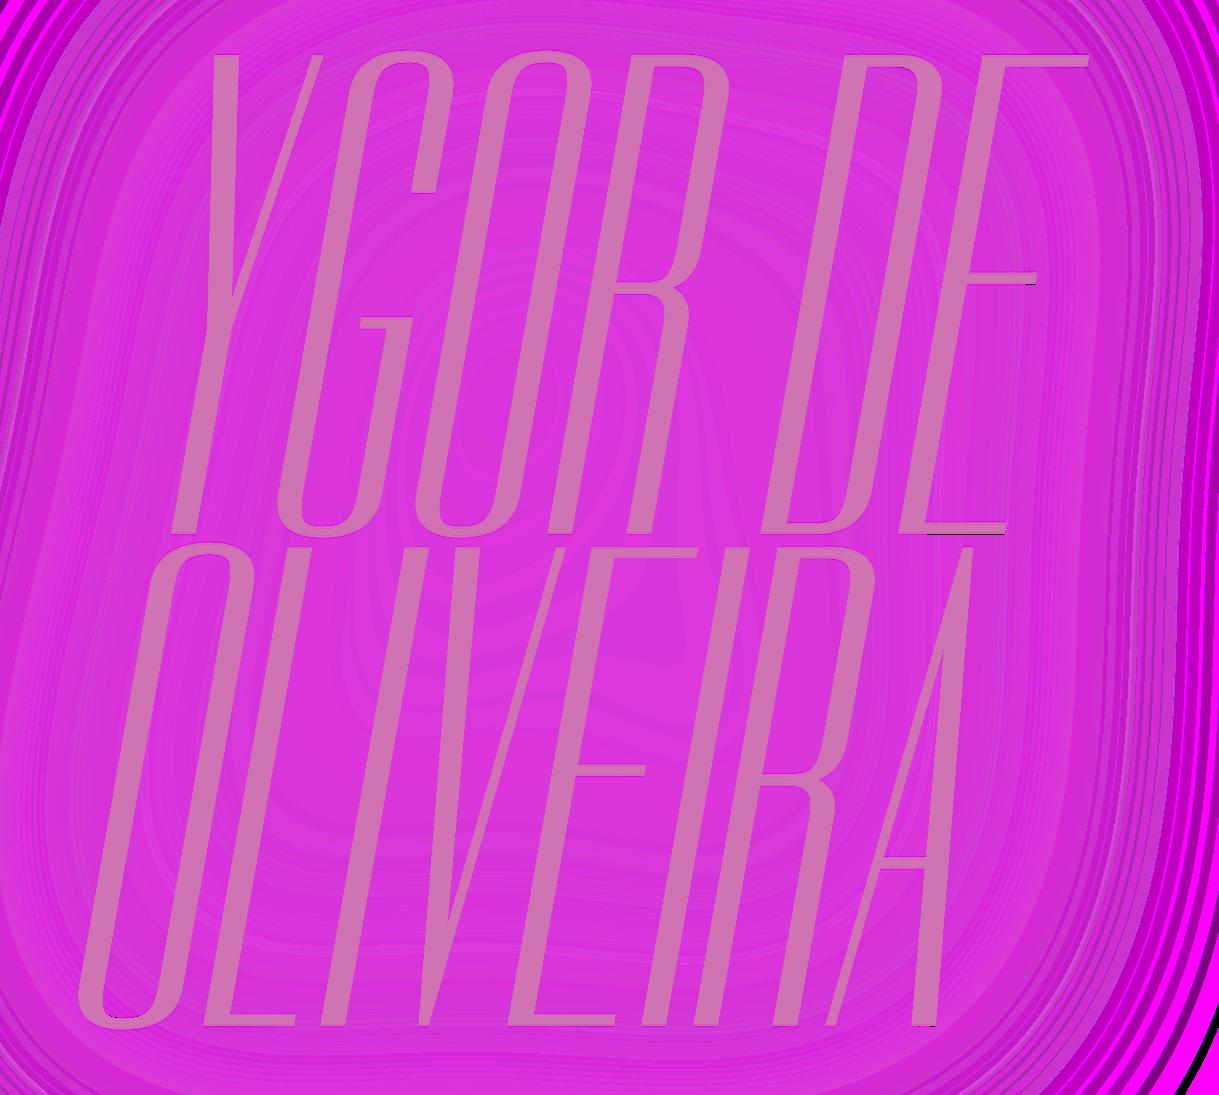 Ygor de Oliveira